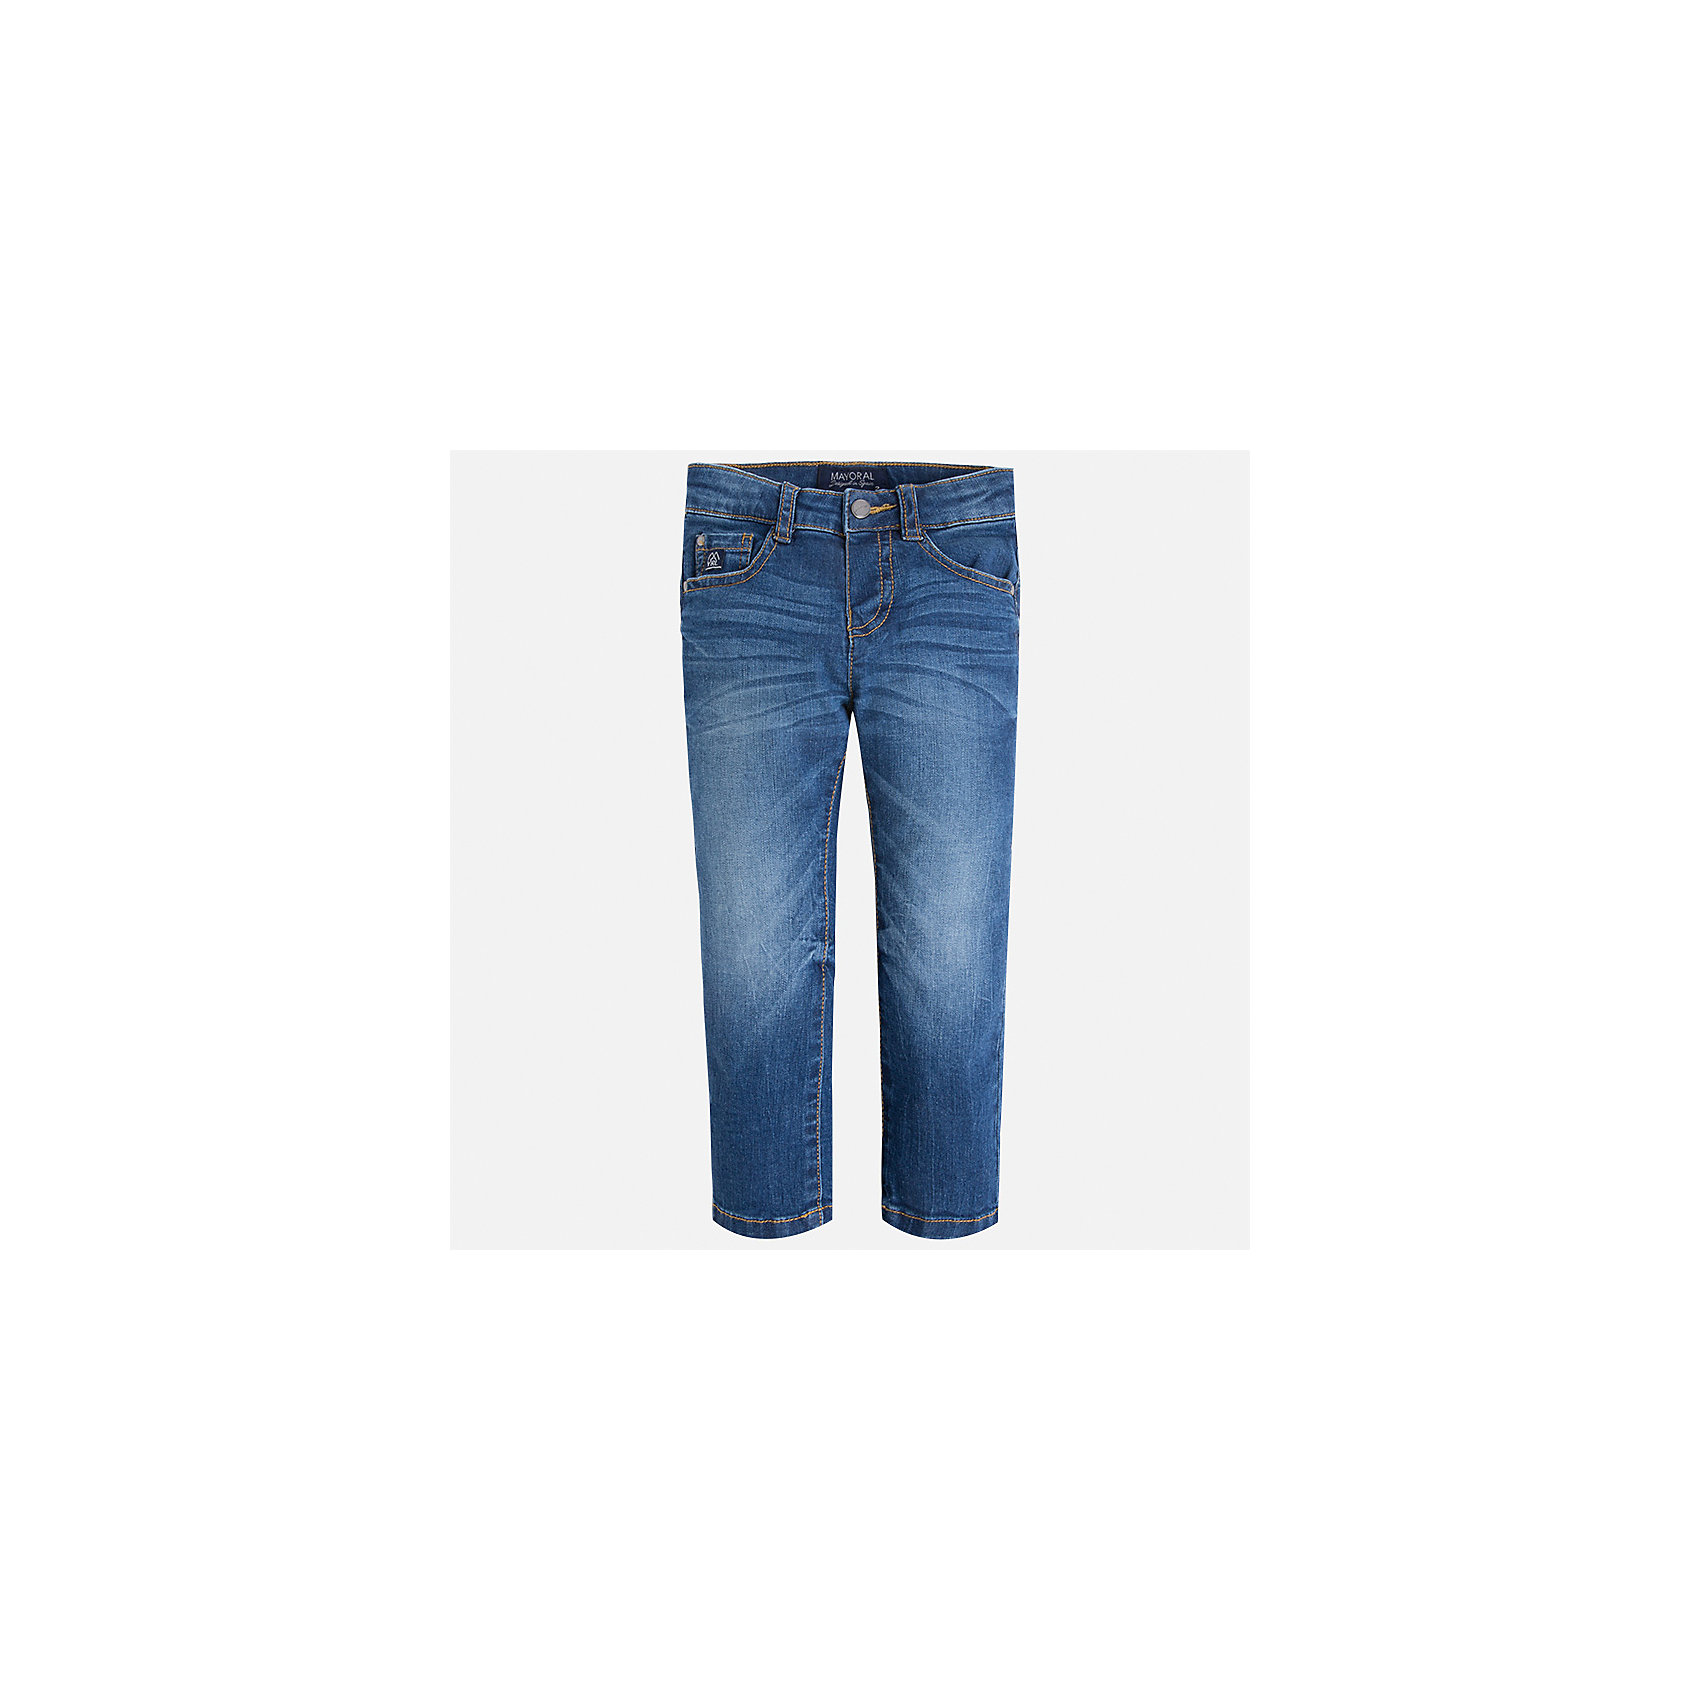 Джинсы для мальчика MayoralДжинсовая одежда<br>Характеристики товара:<br><br>• цвет: синий<br>• состав: 99% хлопок, 1% эластан<br>• имитация потертостей<br>• шлевки<br>• карманы<br>• классический силуэт<br>• страна бренда: Испания<br><br>Модные джинсы для мальчика смогут стать базовой вещью в гардеробе ребенка. Они отлично сочетаются с майками, футболками, рубашками и т.д. Универсальный крой и цвет позволяет подобрать к вещи верх разных расцветок. Практичное и стильное изделие! В составе материала - натуральный хлопок, гипоаллергенный, приятный на ощупь, дышащий.<br><br>Одежда, обувь и аксессуары от испанского бренда Mayoral полюбились детям и взрослым по всему миру. Модели этой марки - стильные и удобные. Для их производства используются только безопасные, качественные материалы и фурнитура. Порадуйте ребенка модными и красивыми вещами от Mayoral! <br><br>Джинсы для мальчика от испанского бренда Mayoral (Майорал) можно купить в нашем интернет-магазине.<br><br>Ширина мм: 215<br>Глубина мм: 88<br>Высота мм: 191<br>Вес г: 336<br>Цвет: синий<br>Возраст от месяцев: 18<br>Возраст до месяцев: 24<br>Пол: Мужской<br>Возраст: Детский<br>Размер: 92,134,128,122,116,110,104,98<br>SKU: 5277624